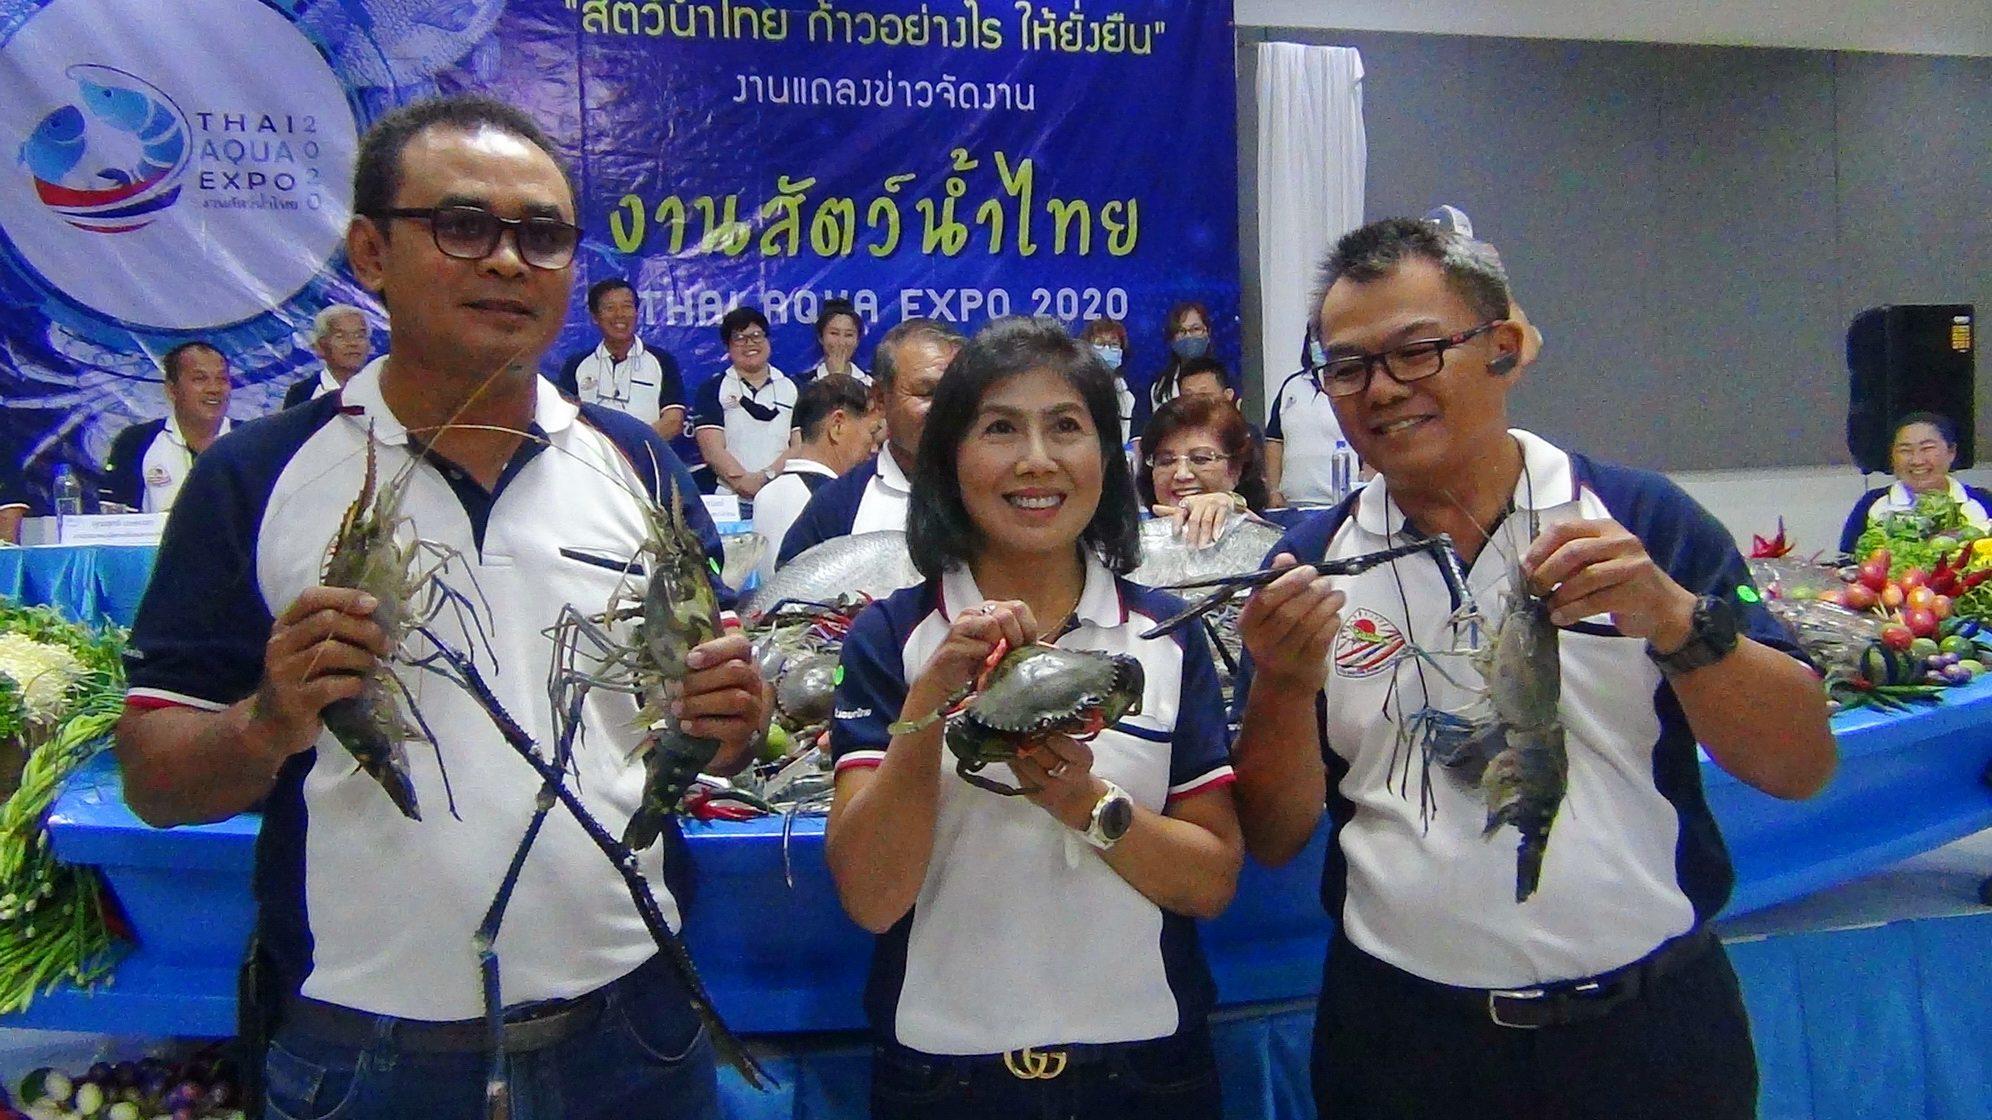 'แปดริ้ว'ฟื้นตลาดกุ้ง-ปลา จัดงานรวม 'สัตว์น้ำไทย2020' หนุนเกษตรกรก้าวทันยุคแบบยั่งยืน